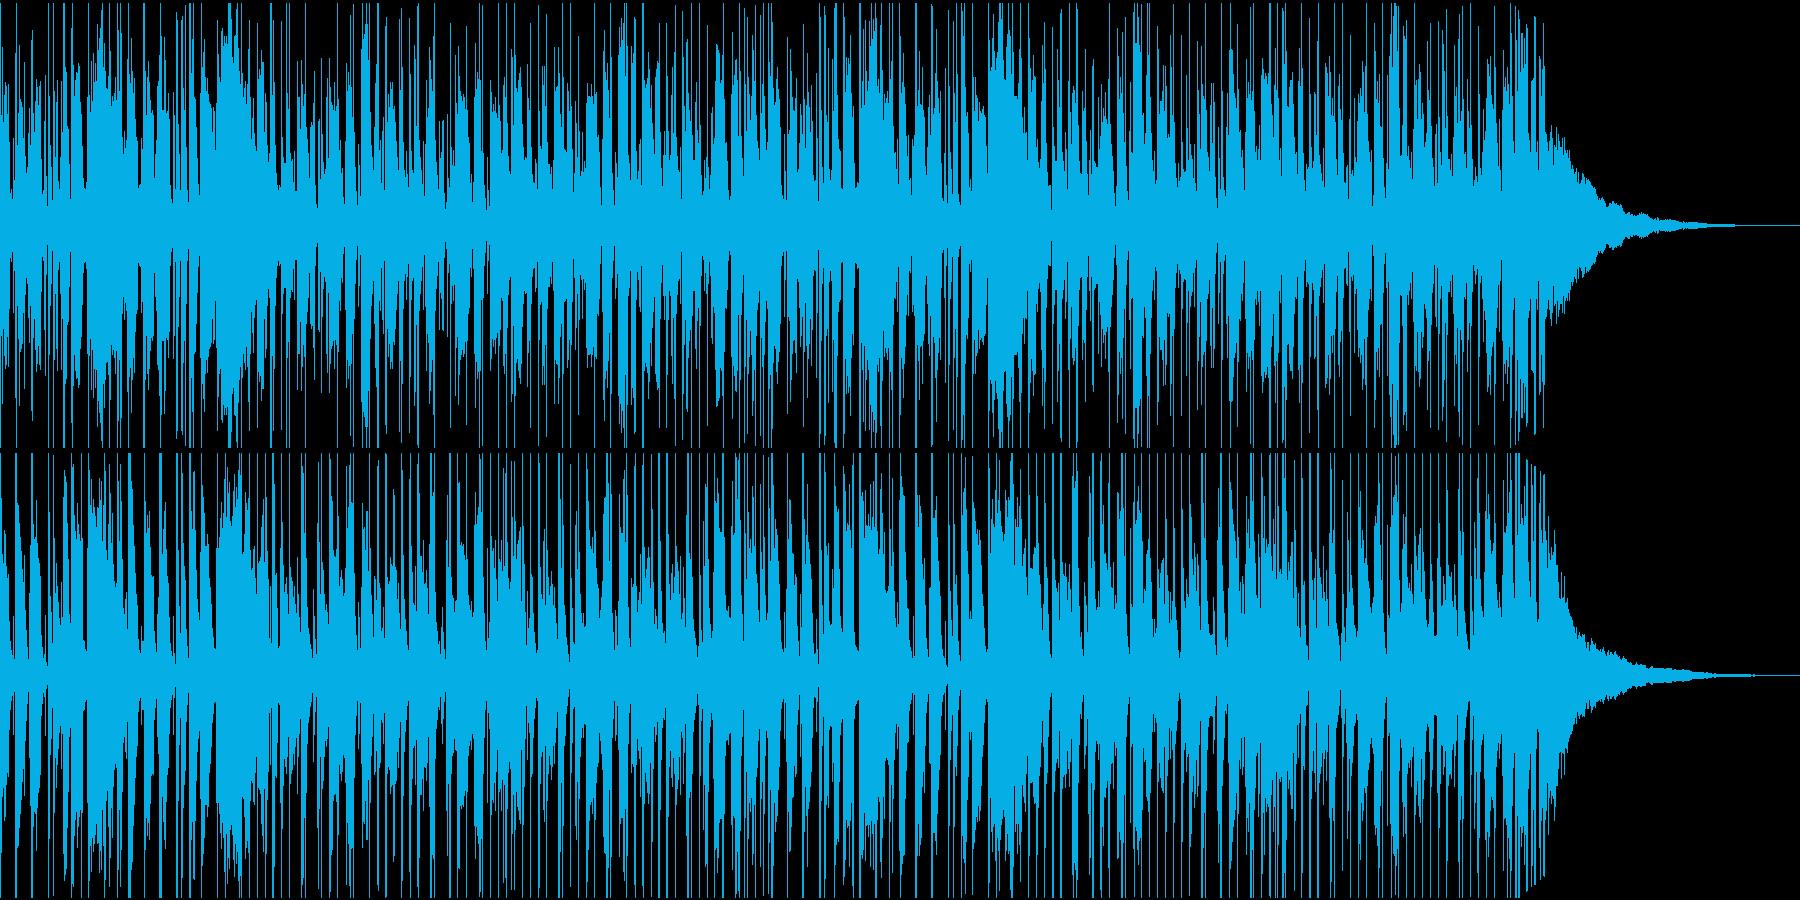 気持ちいい70sファンクのビートの再生済みの波形